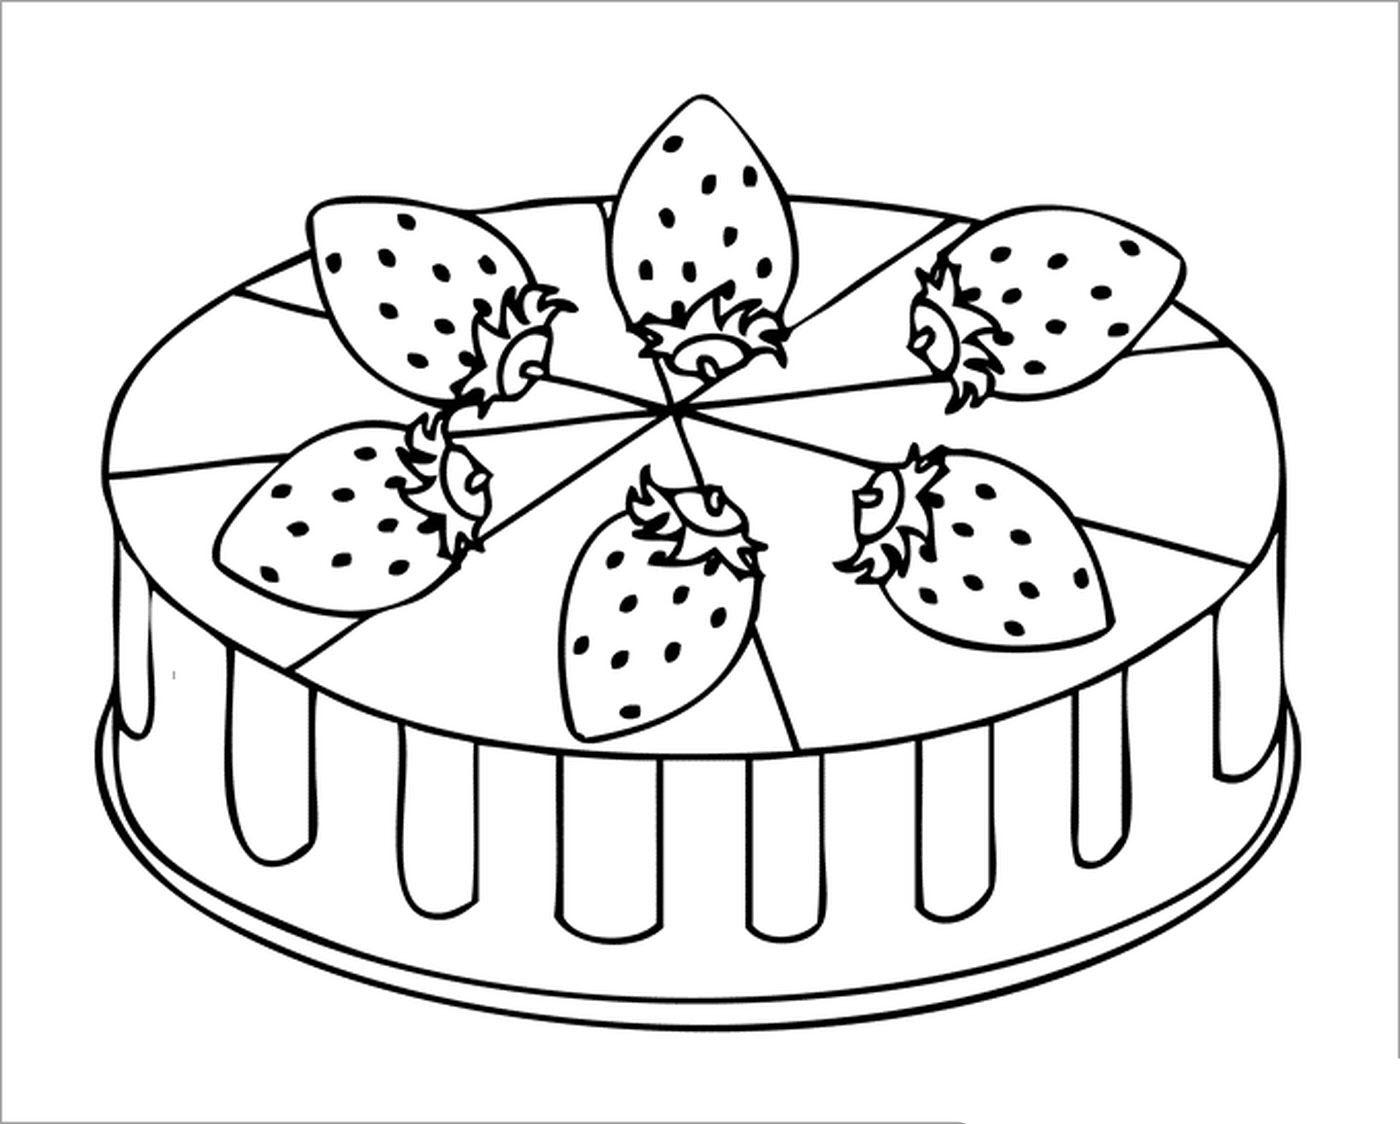 Tranh tô màu bánh sinh nhật ý nghĩa